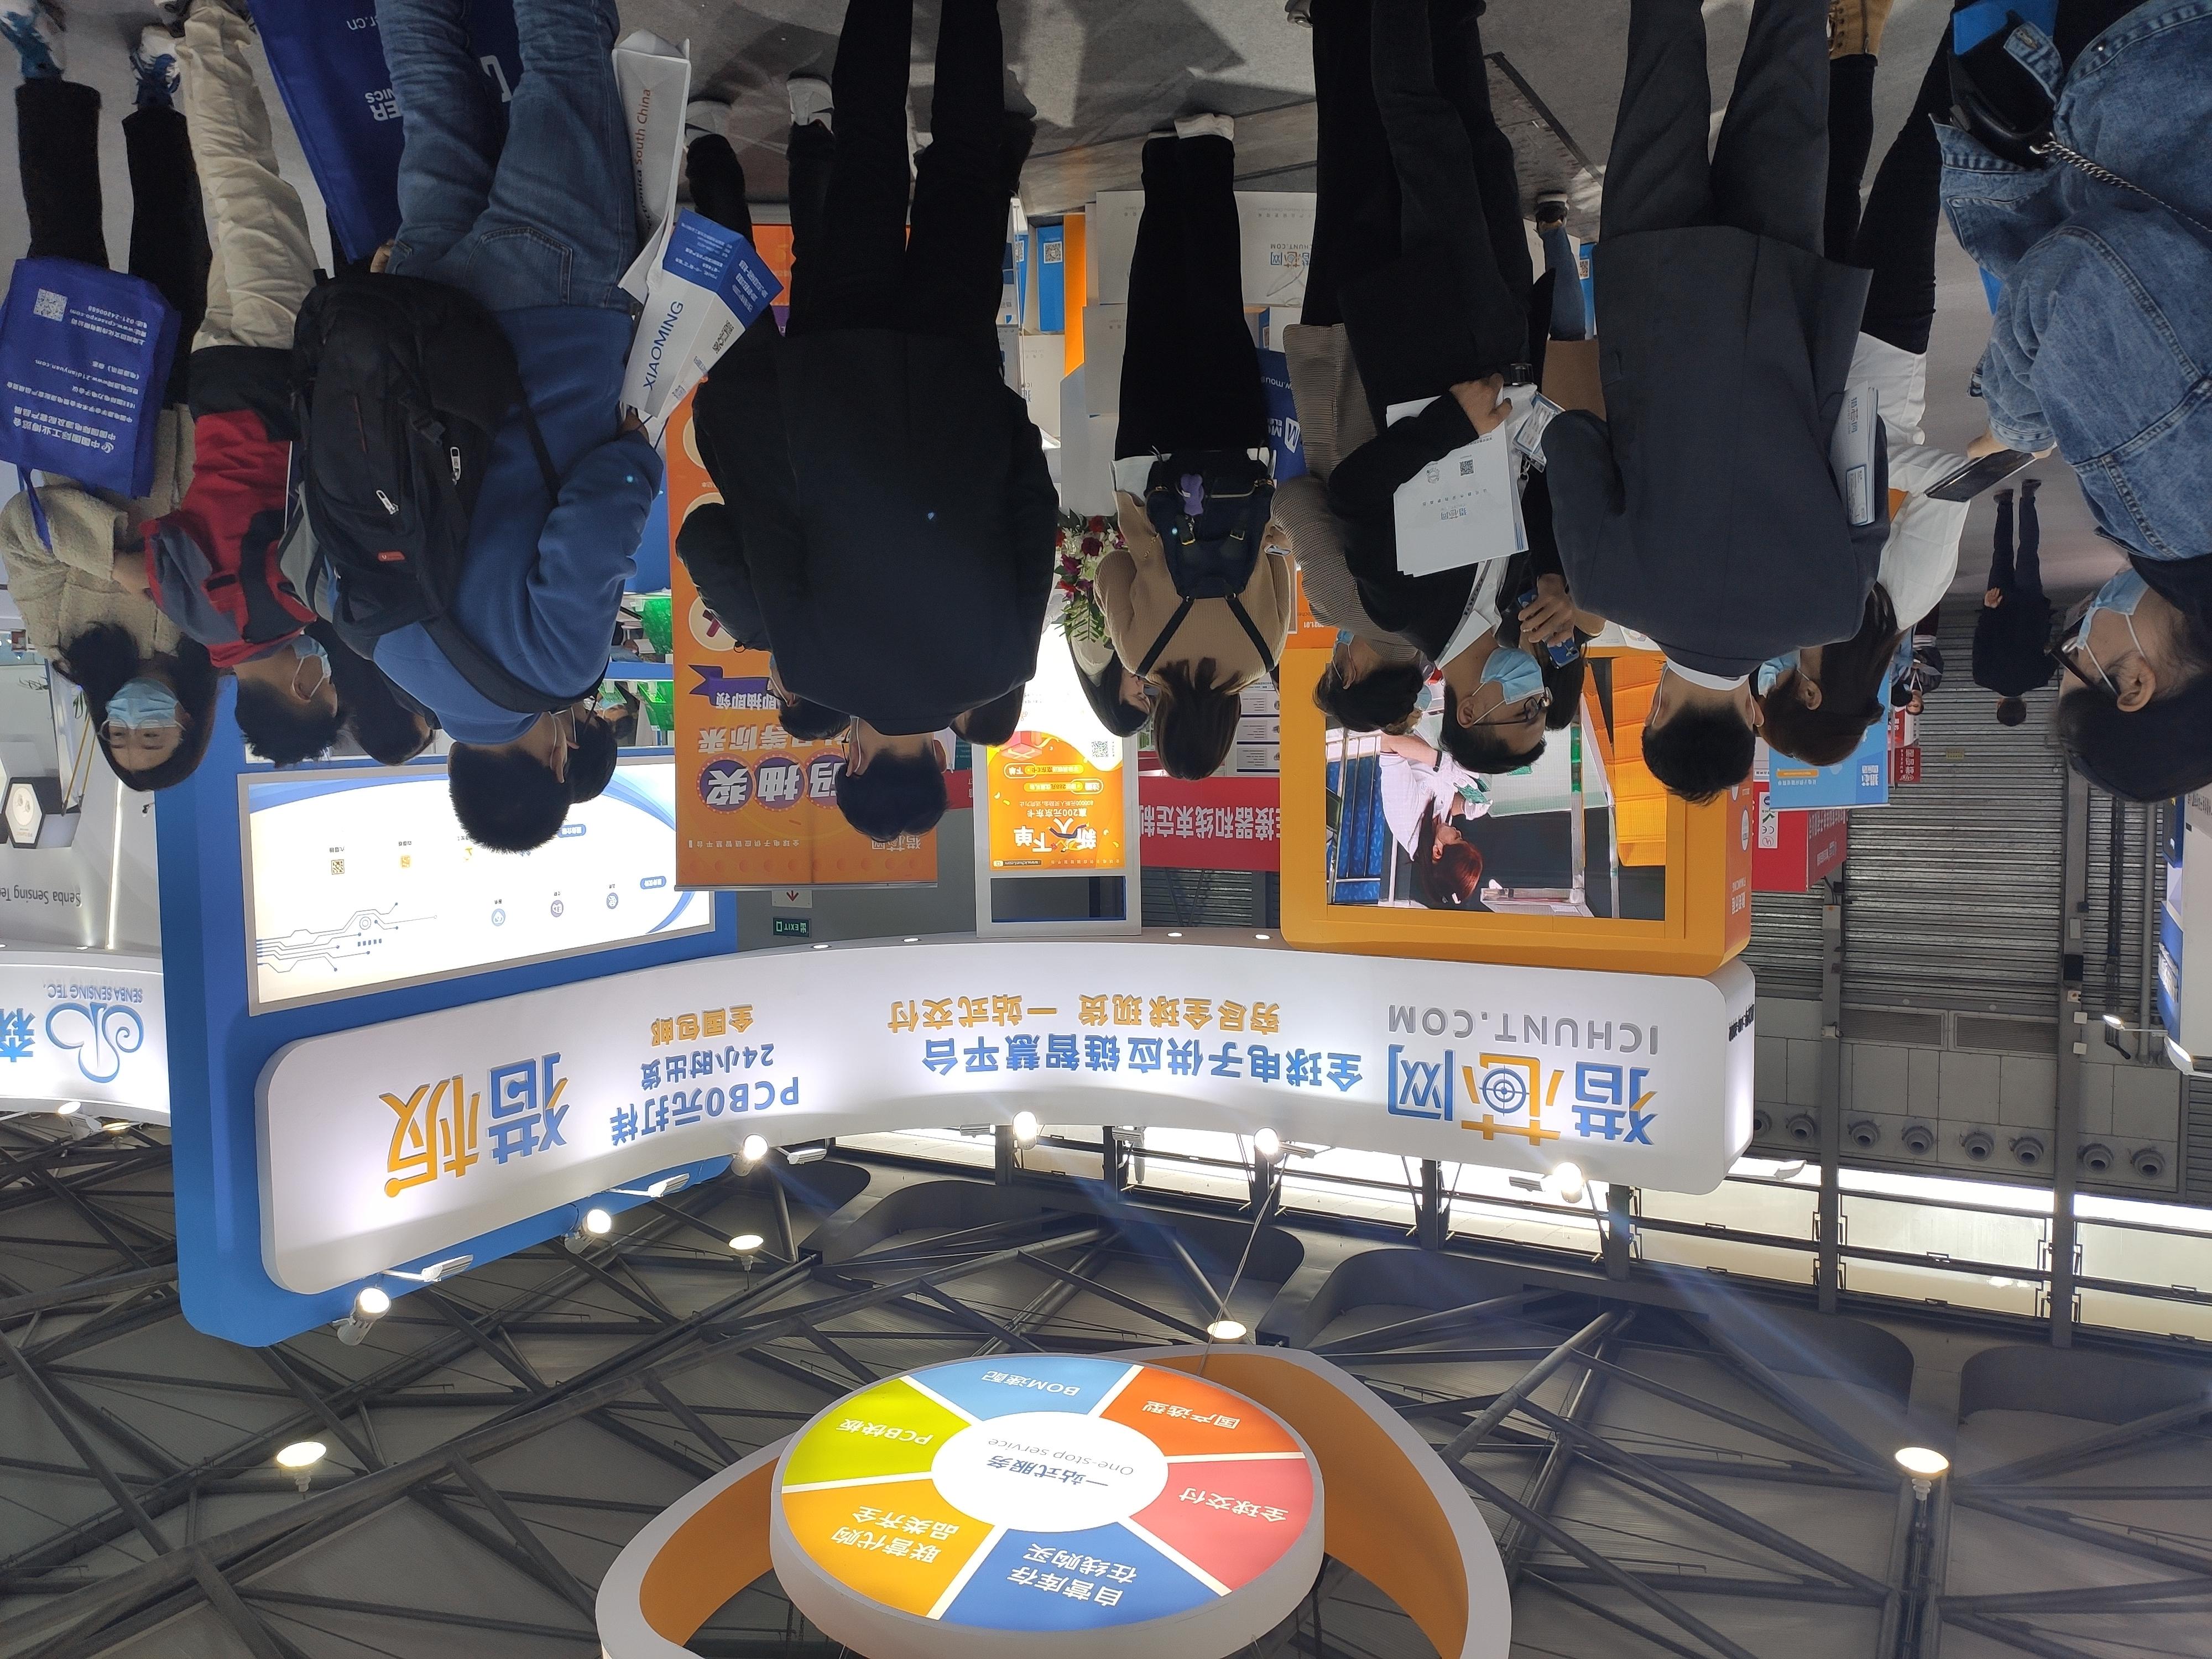 继往开来,开拓创新丨慕尼黑上海电子展览会圆满落幕,下一个二十年如约而行